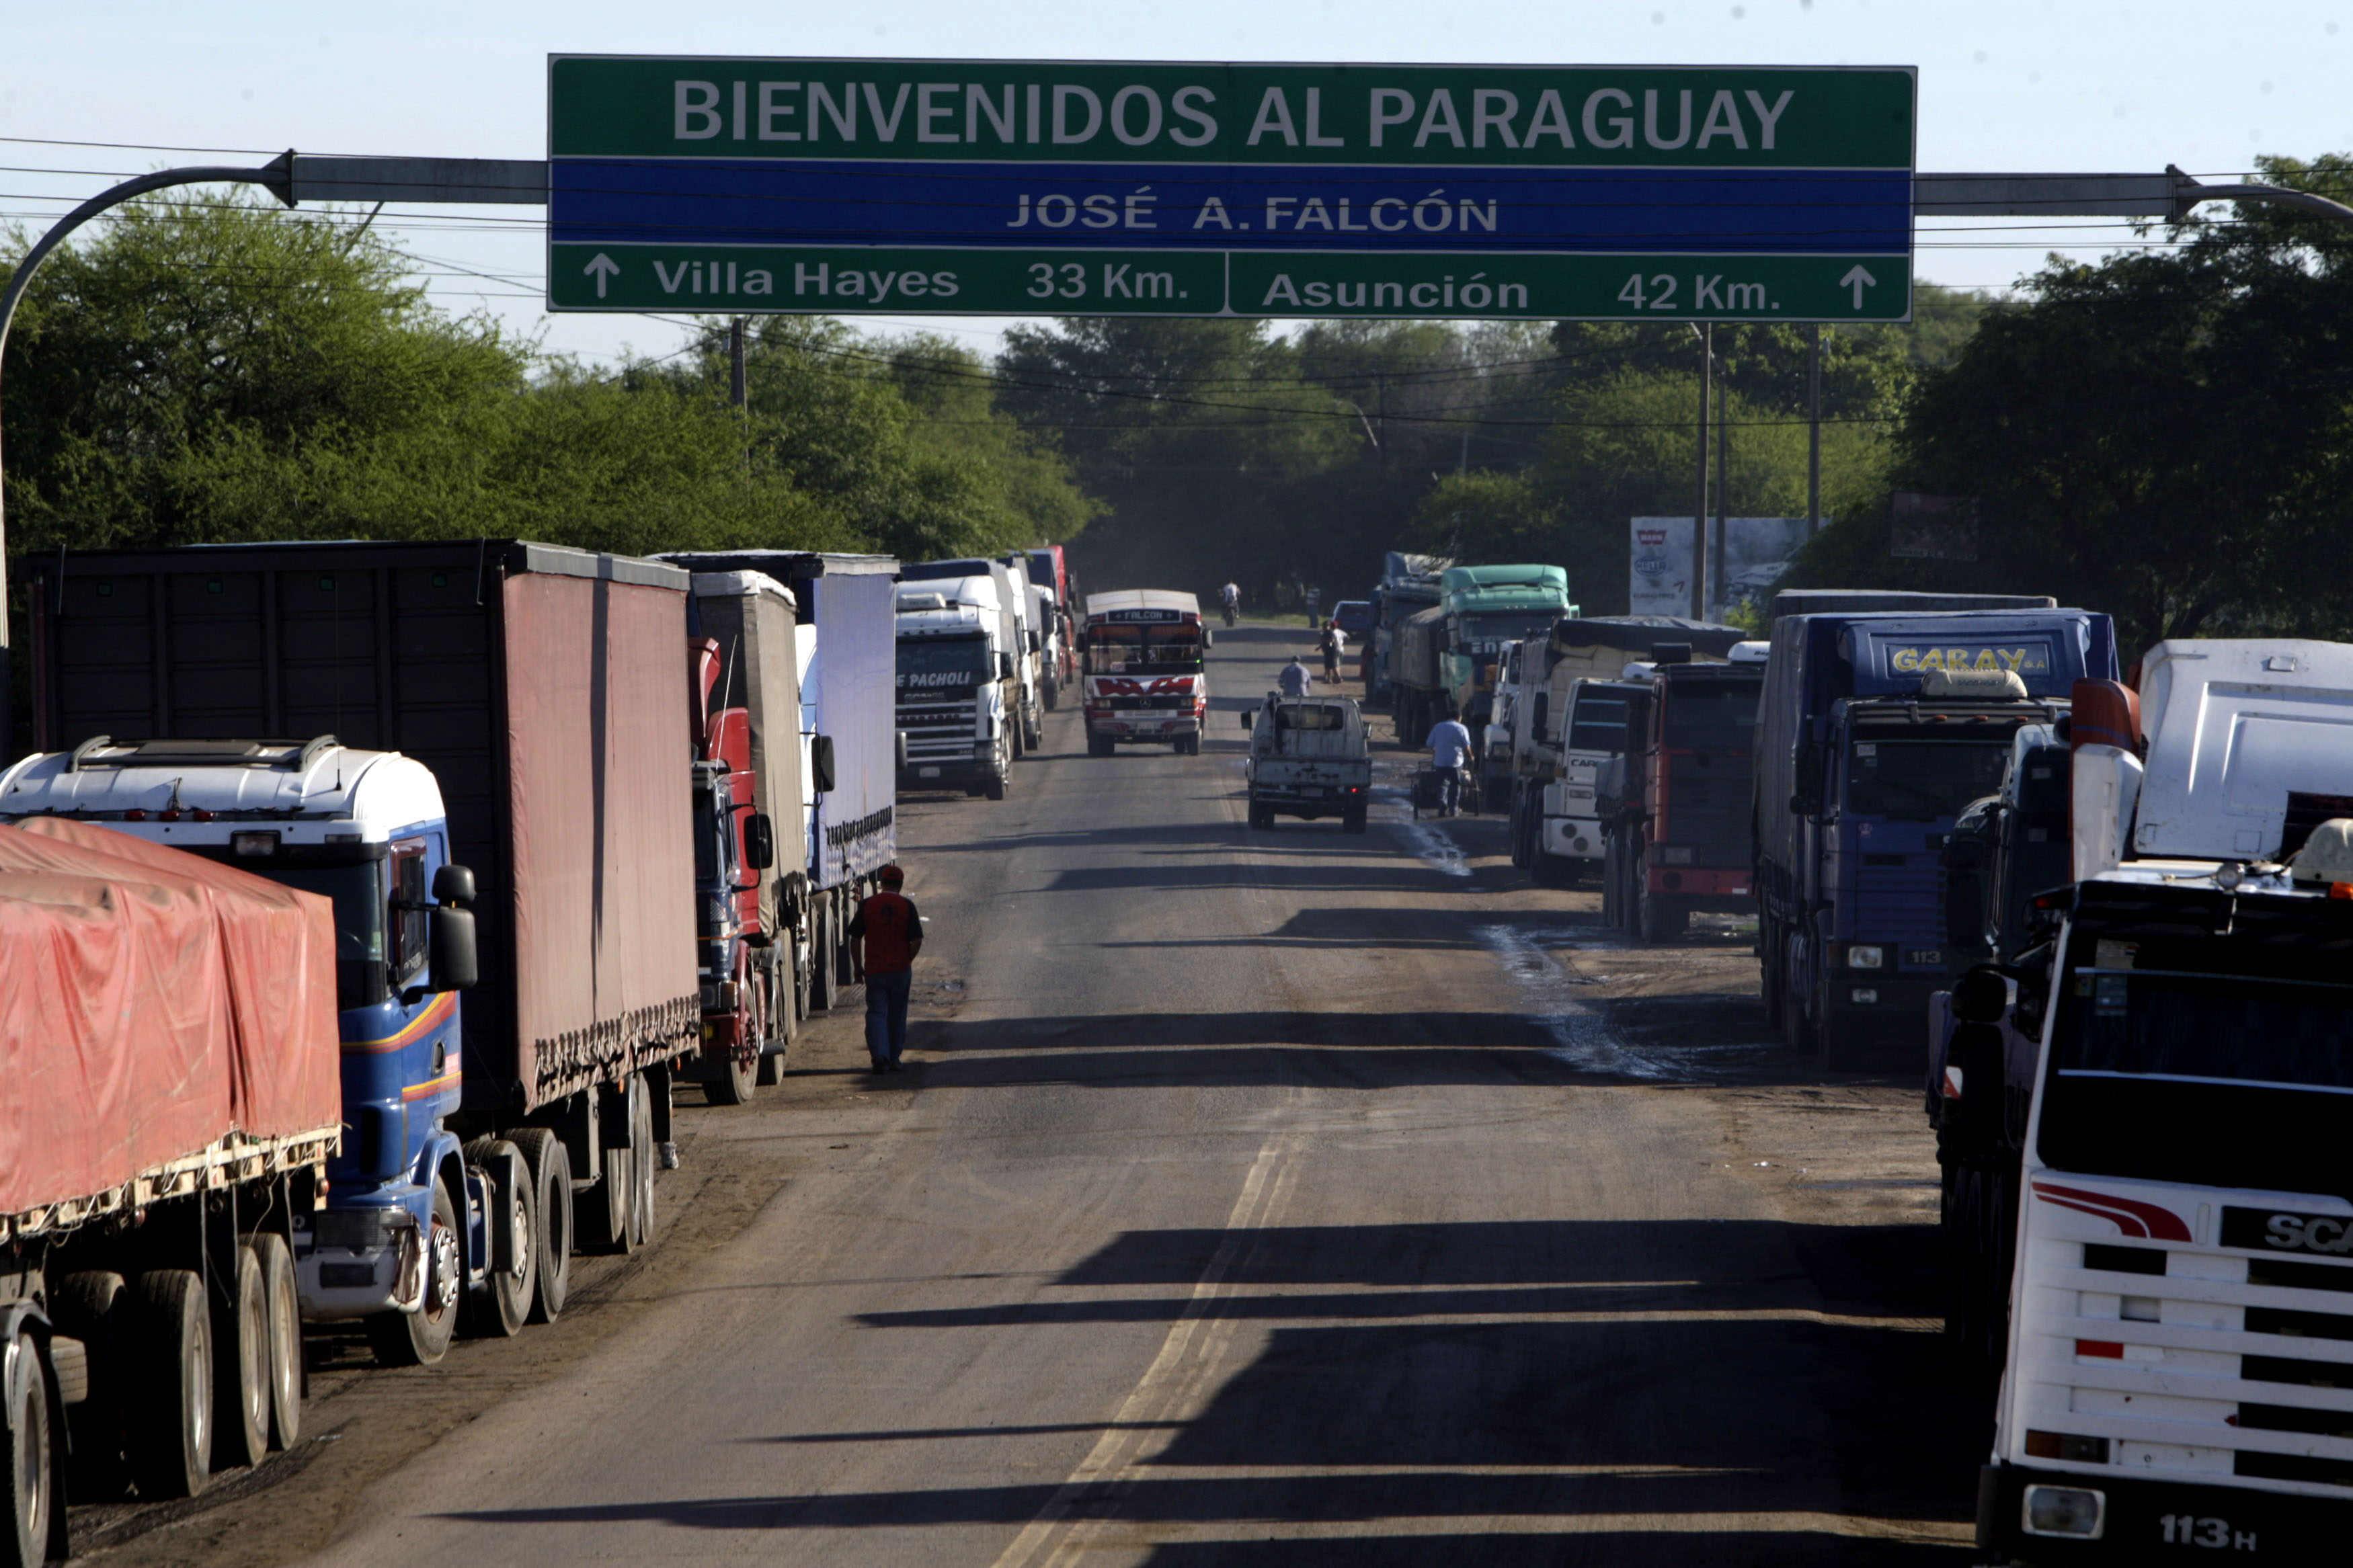 ACOMPAÑA CRÓNICA PARAGUAY ECONOMÍA ASU10. ASUNCIÓN (PARAGUAY), 07/12/2013.- Una fotografía de este 4 de diciembre de 2013 muestra una fila de camiones que se mantiene a un lado de la vía del puente del puerto Falcón que une a Asunción (Paraguay) con Clorinda (Argentina). El Gobierno paraguayo, apremiado por industriales, grandes supermercados y sus propias pérdidas tributarias, intenta poner coto al tradicional contrabando en las fronteras con Argentina y Brasil, que se ha exacerbado con la caída del peso argentino frente al guaraní. Cientos de personas cada día cargan sobre su espalda enormes paquetes de tela con productos al atravesar el control fronterizo que separa la ciudad argentina de Clorinda con la paraguaya Puerto Falcón, cercana a Asunción. EFE/Andrés Cristaldo